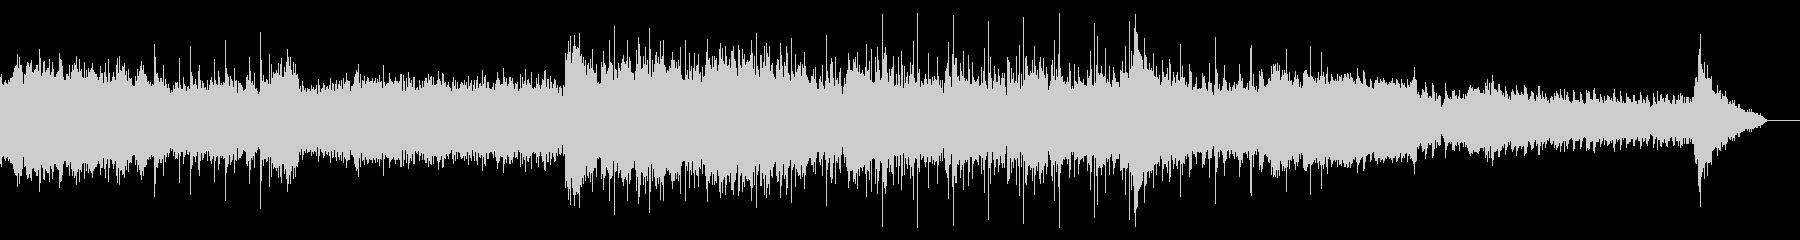 シネマティックなサウンドスケープの未再生の波形